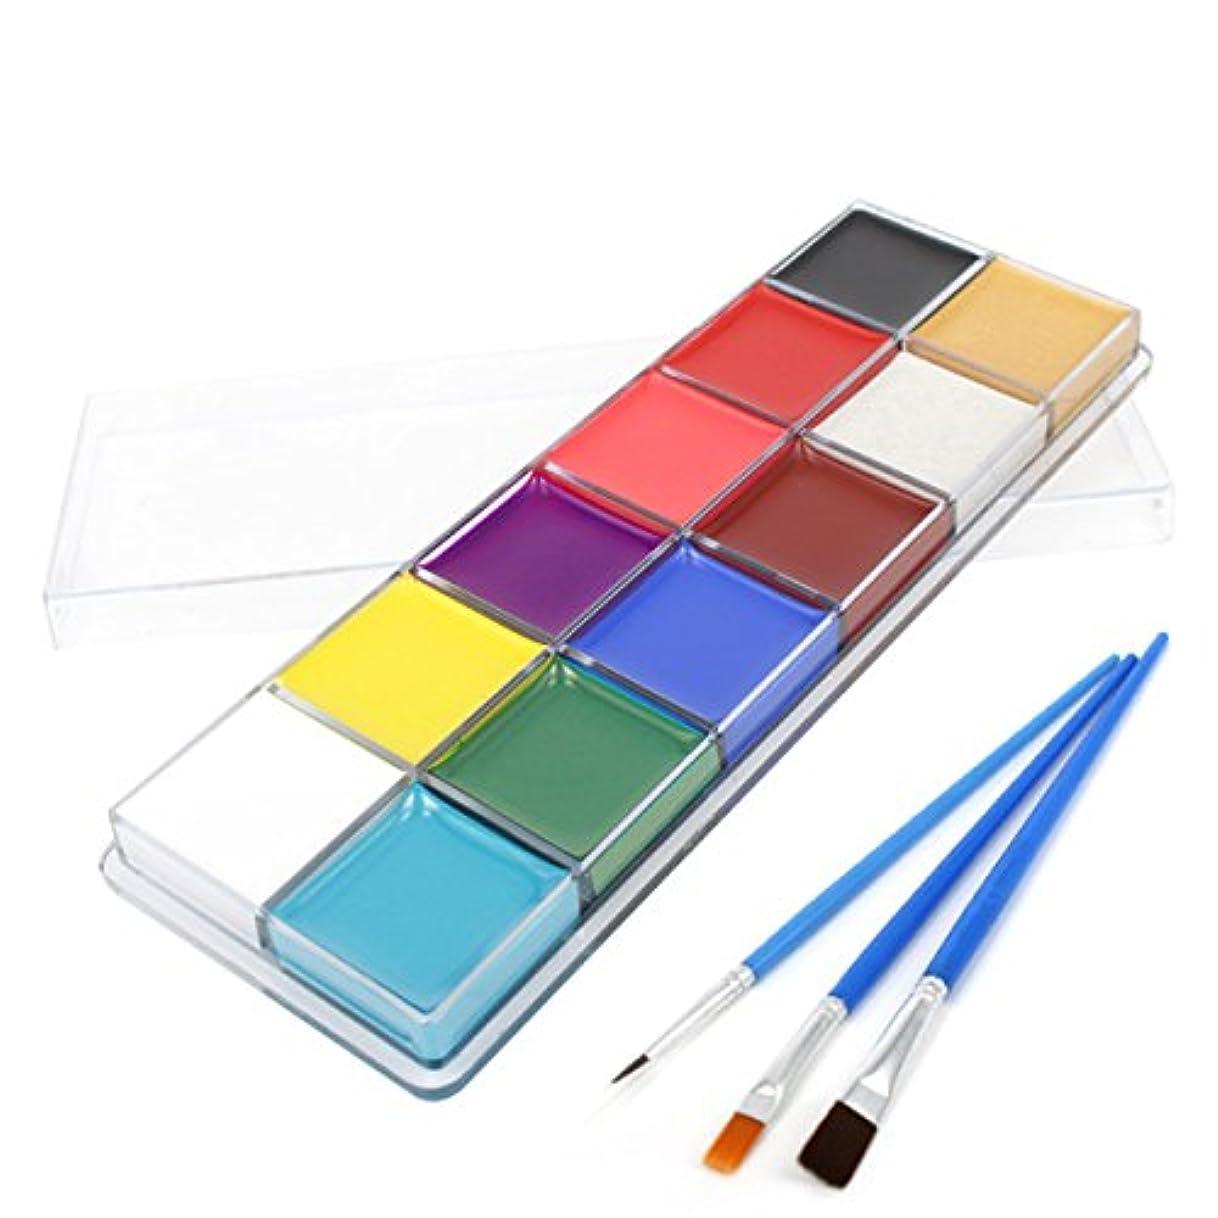 信者裂け目撤退Beaupretty Face Painting Kits Professional 12 Colors Art Party Fancy Make Up Set with brush